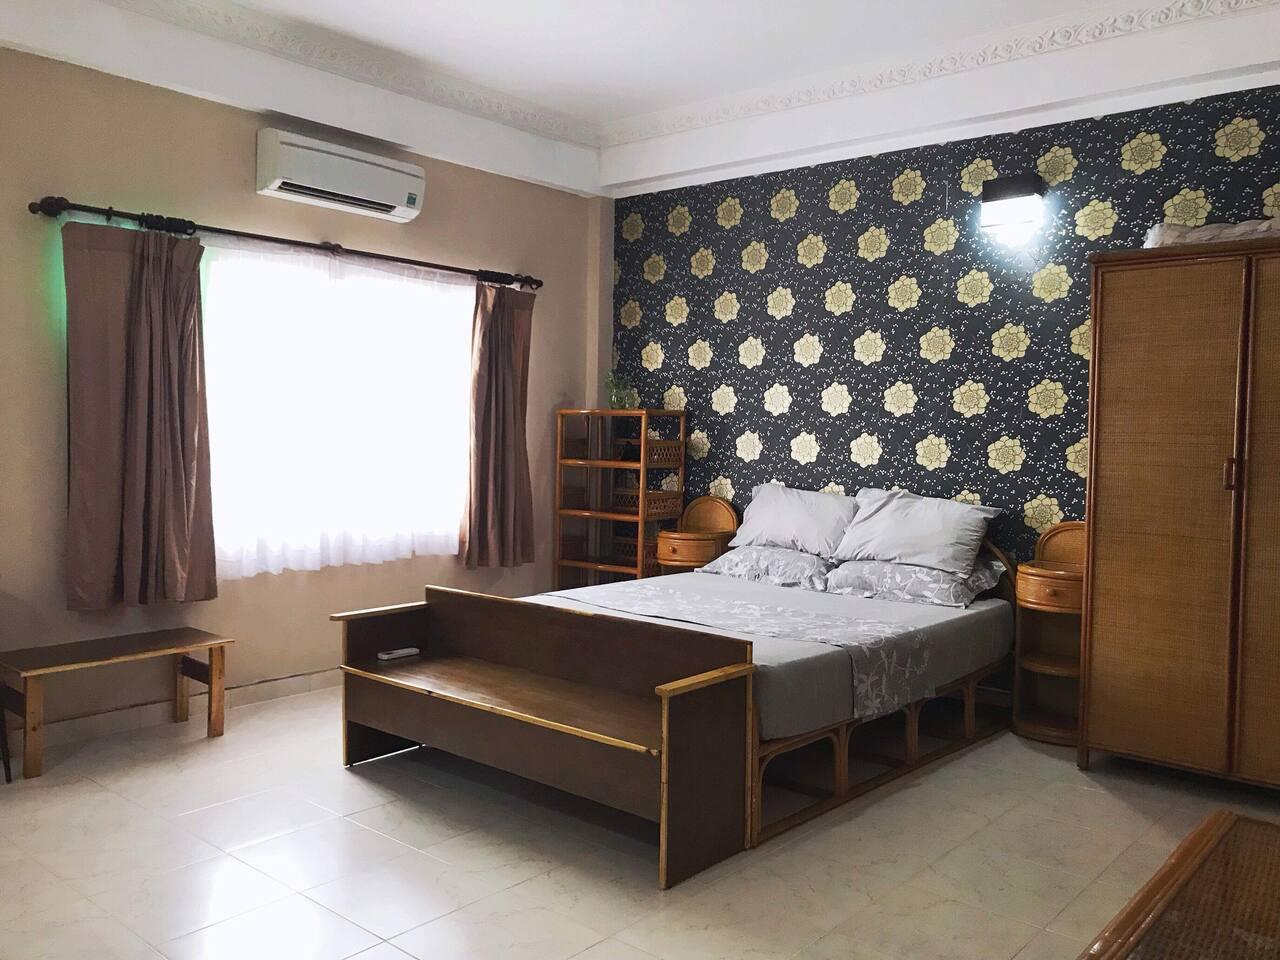 Cozy yet spacious bedroom 6x6 (meters) - bathroom not included Bed is 1.6 meters long